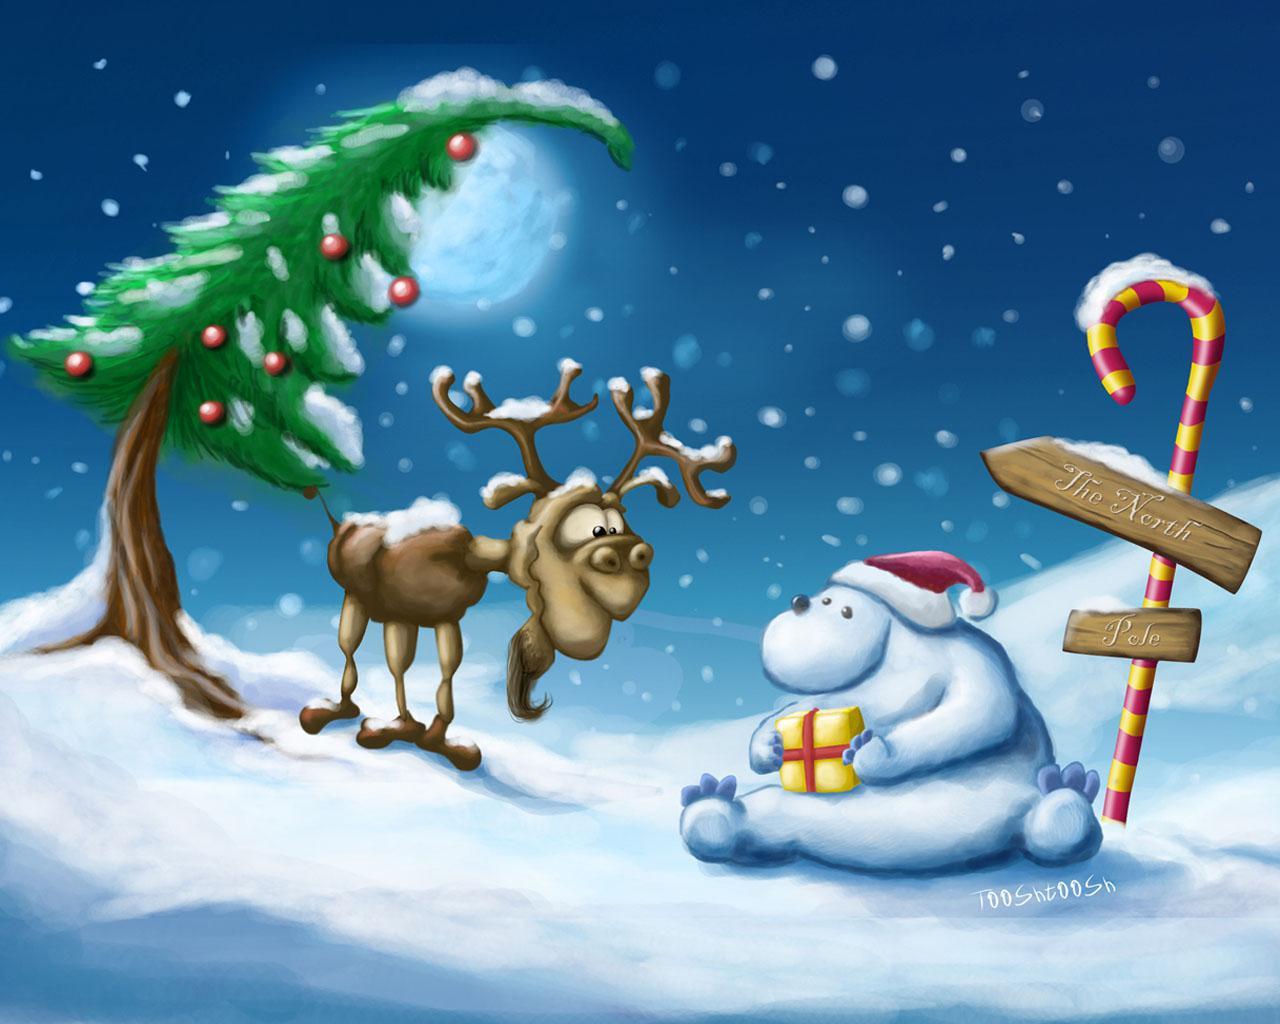 Wallpaper de Navidad